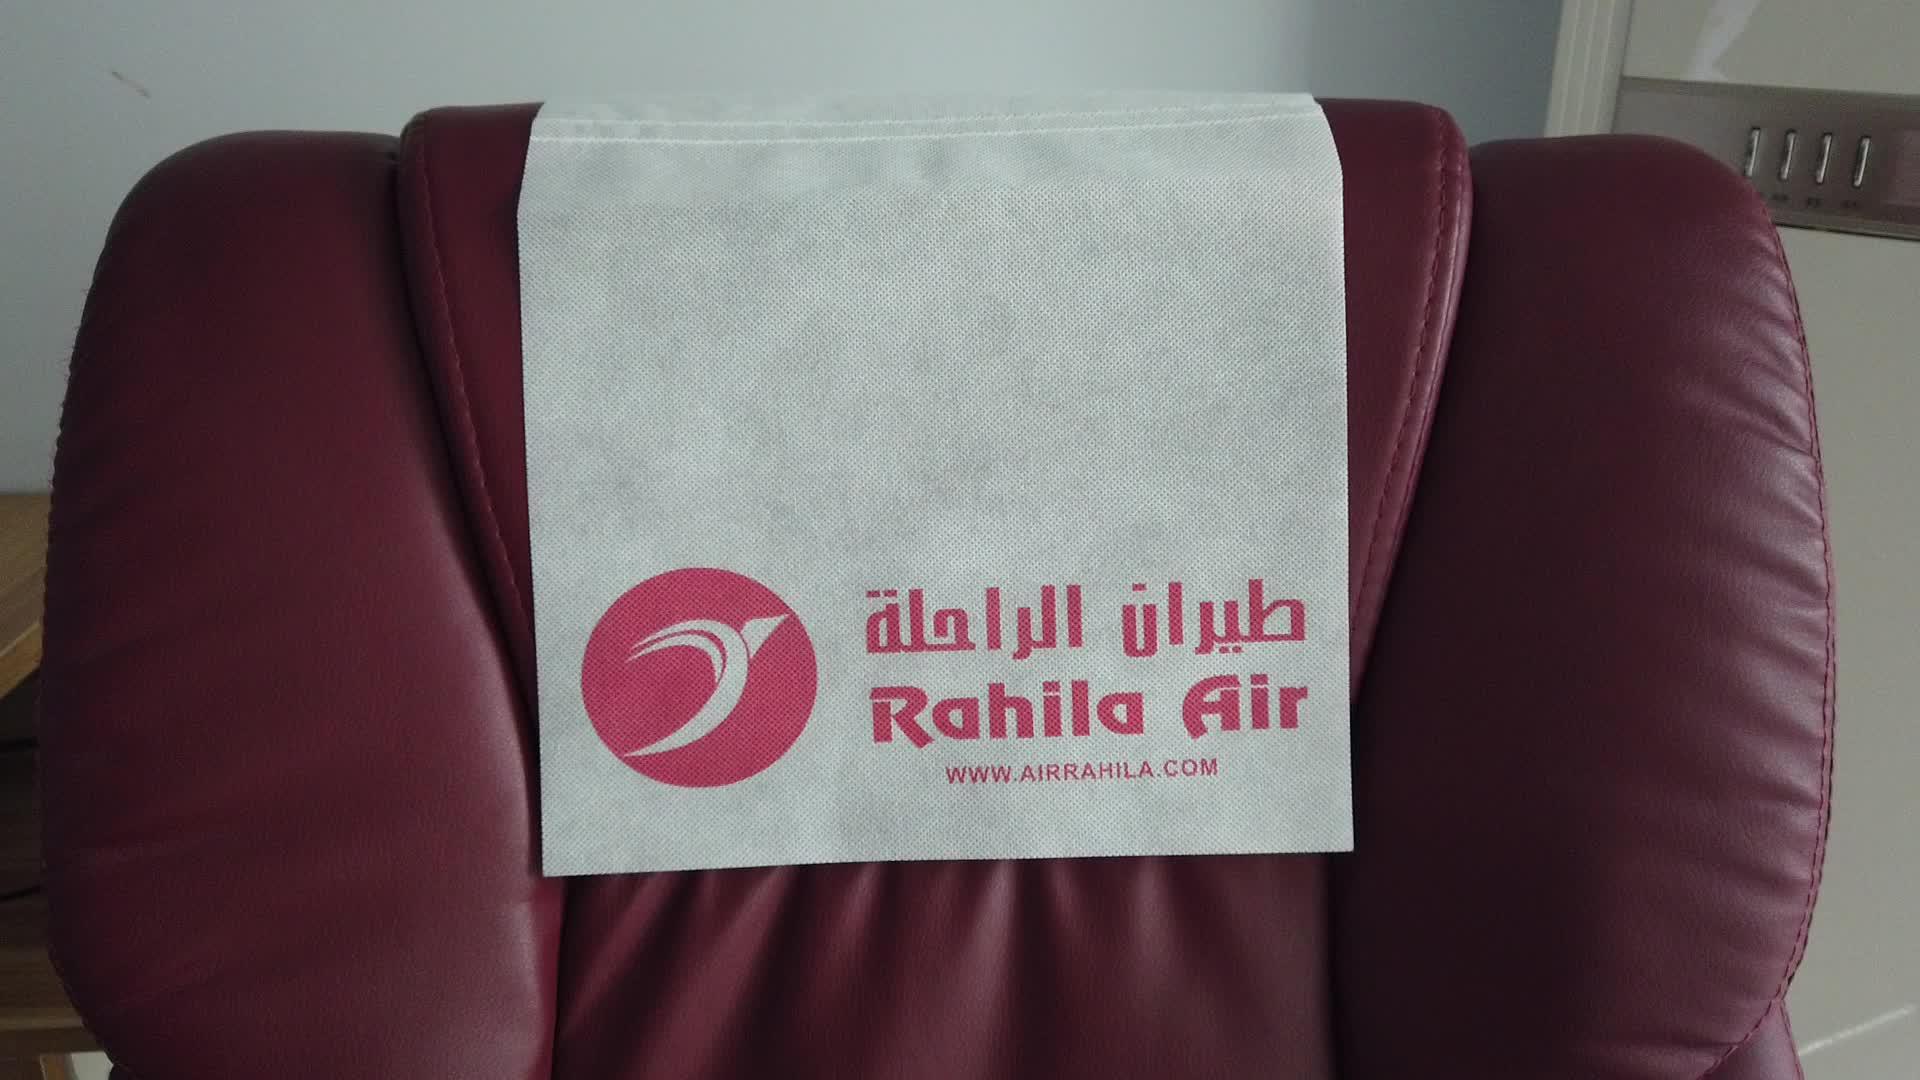 Custom pp non woven air plane pillowcase/Nonwoven disposable headrest cover/ECO spun bonded nonwoven